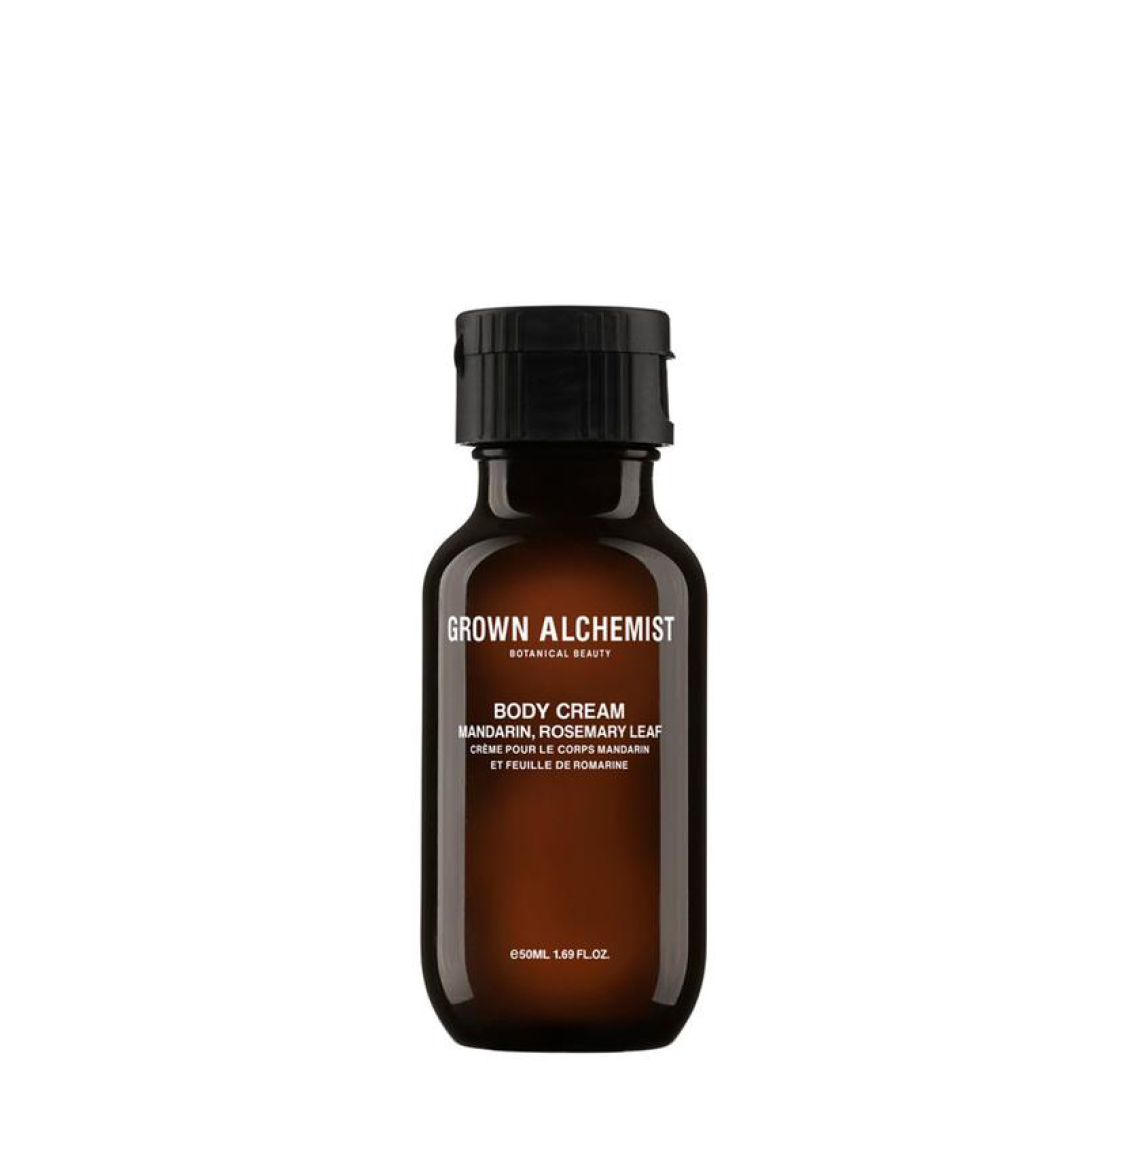 Grown Alchemist Body Cream 50ml